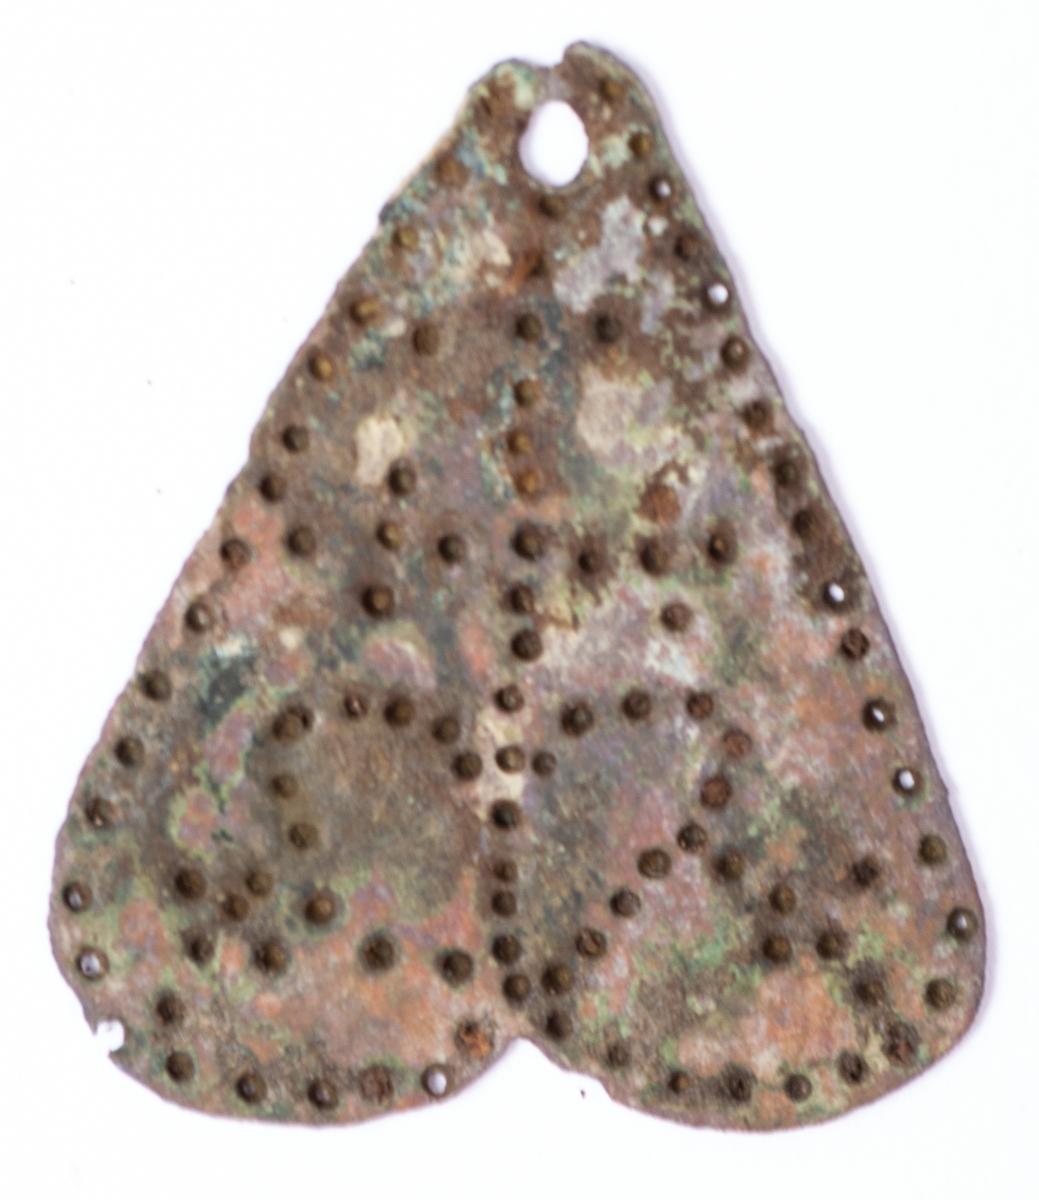 Hjärtformat hänge i kedja av pressbleck. Kan ha suttit under en samisk trumma, enligt tidigare fynd. Se arkeologisk rapport.